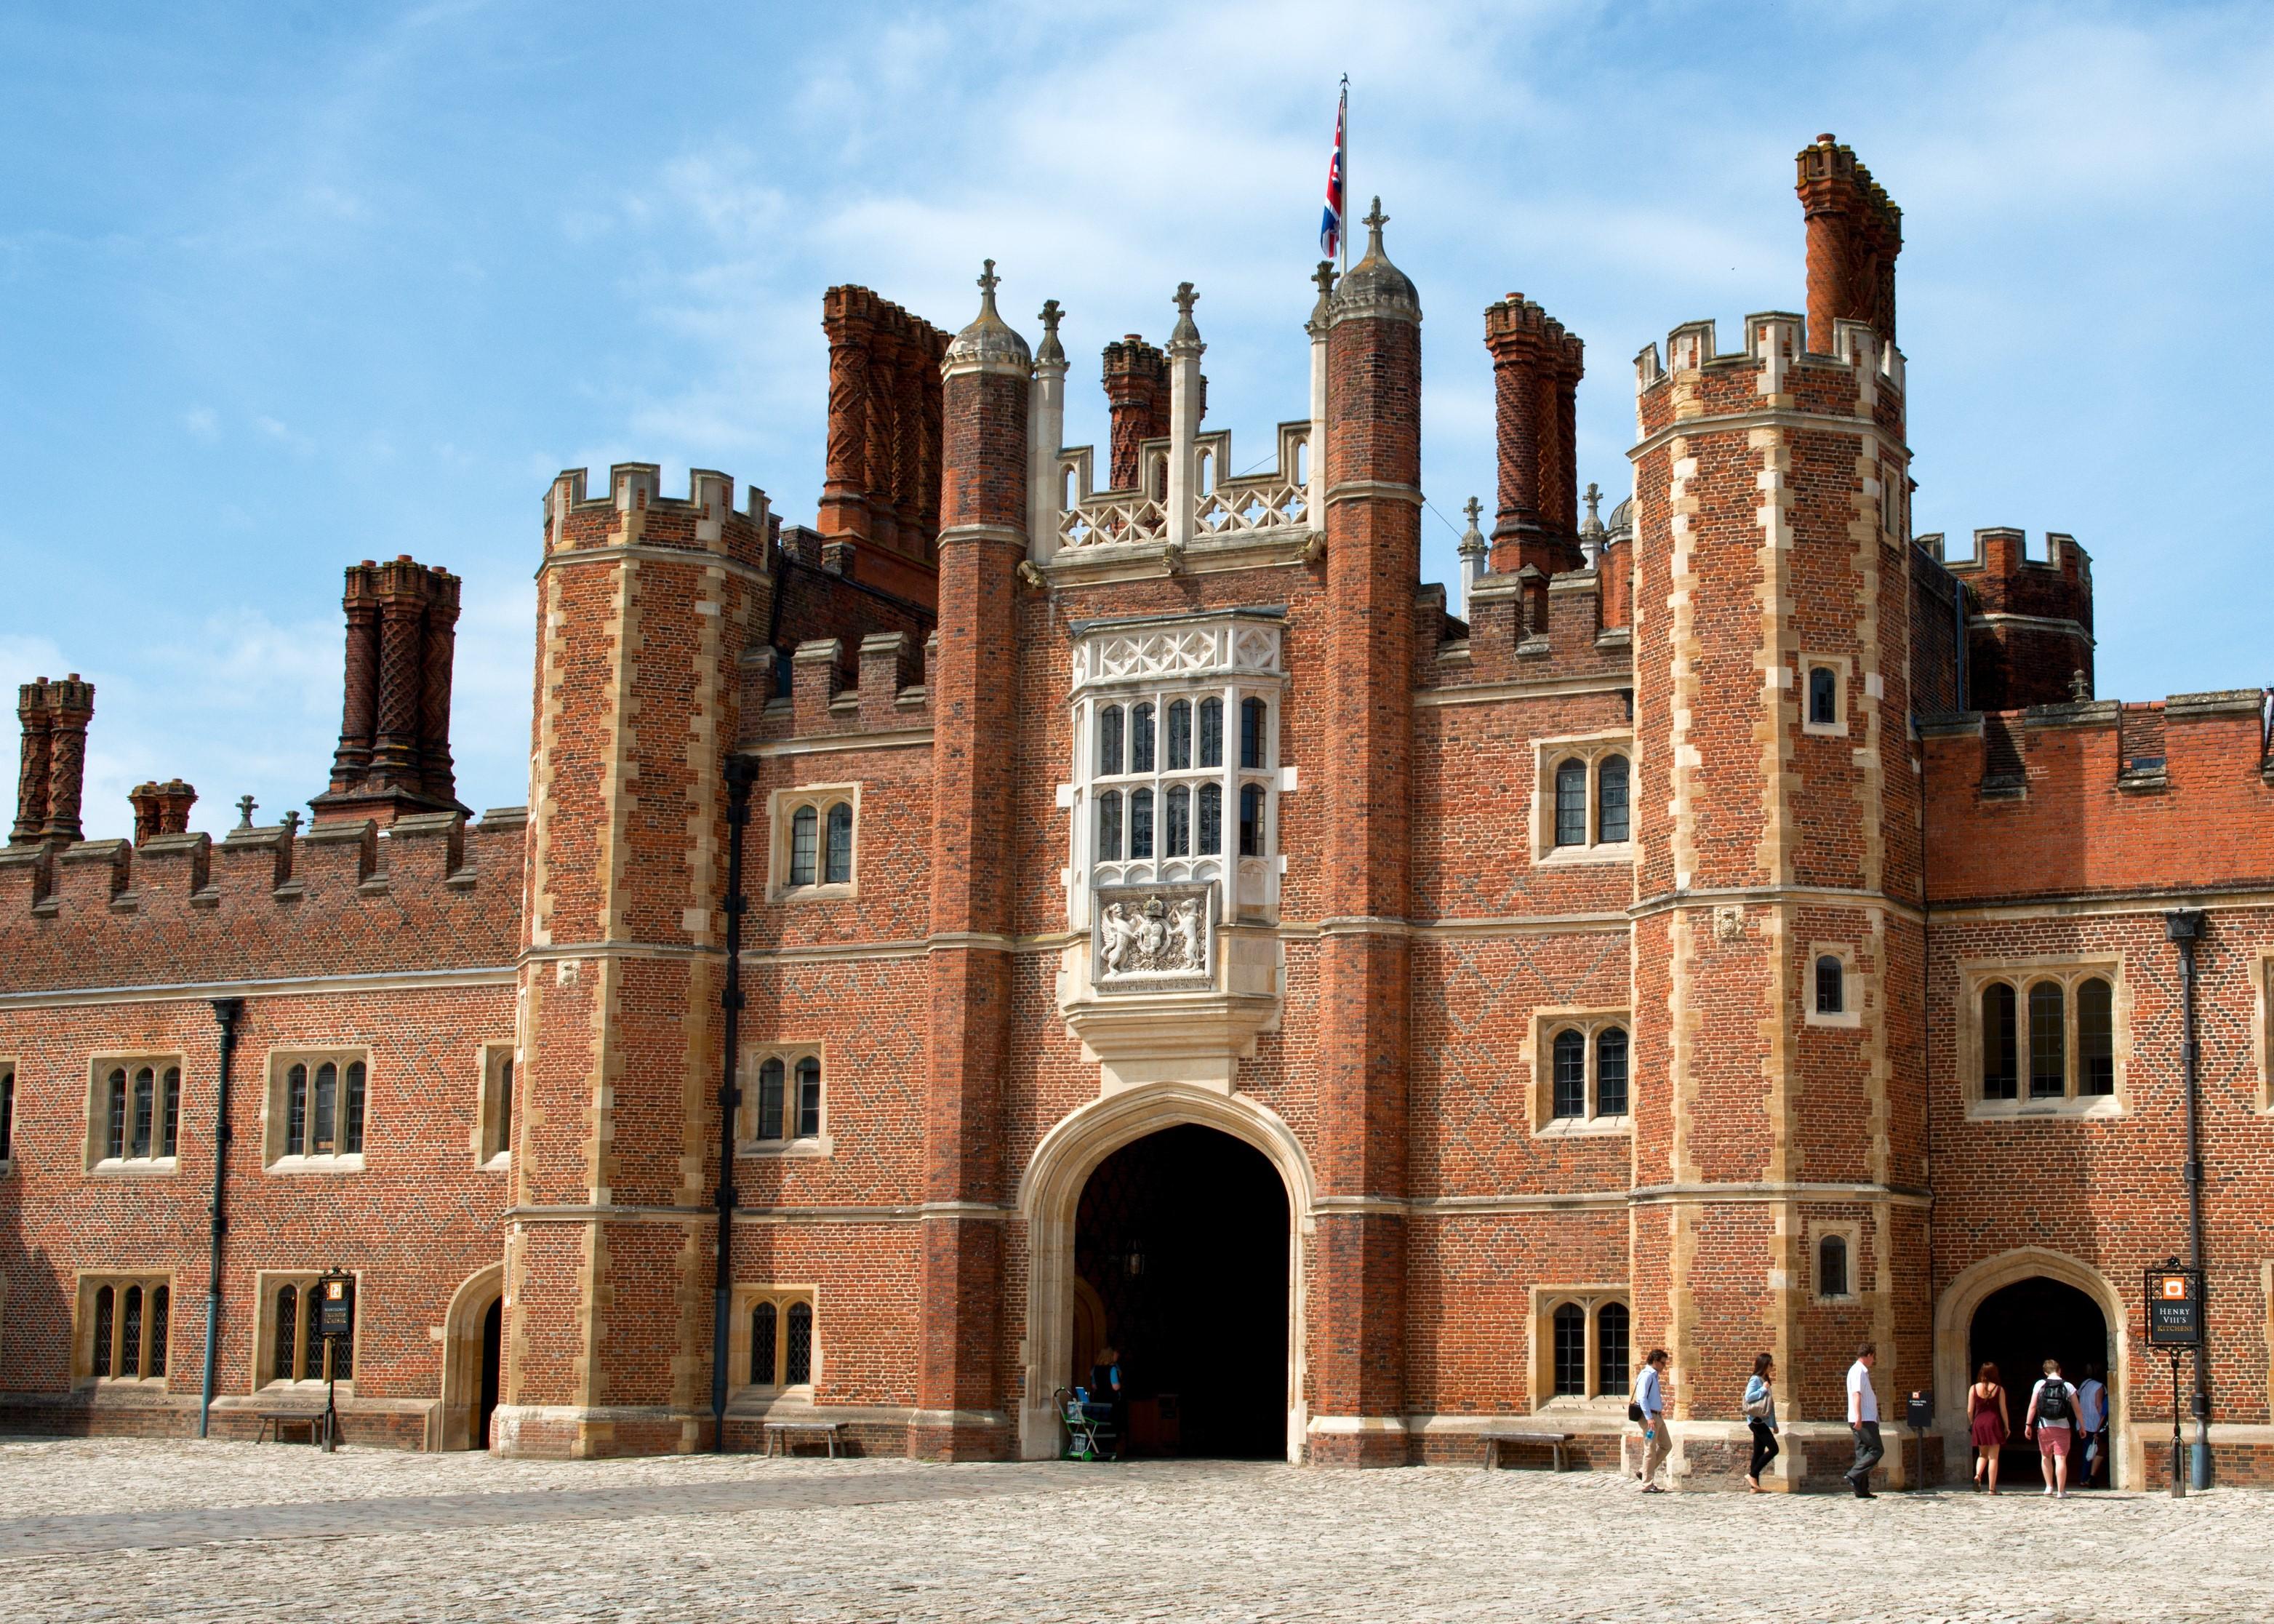 Brick facade of Hampton Court